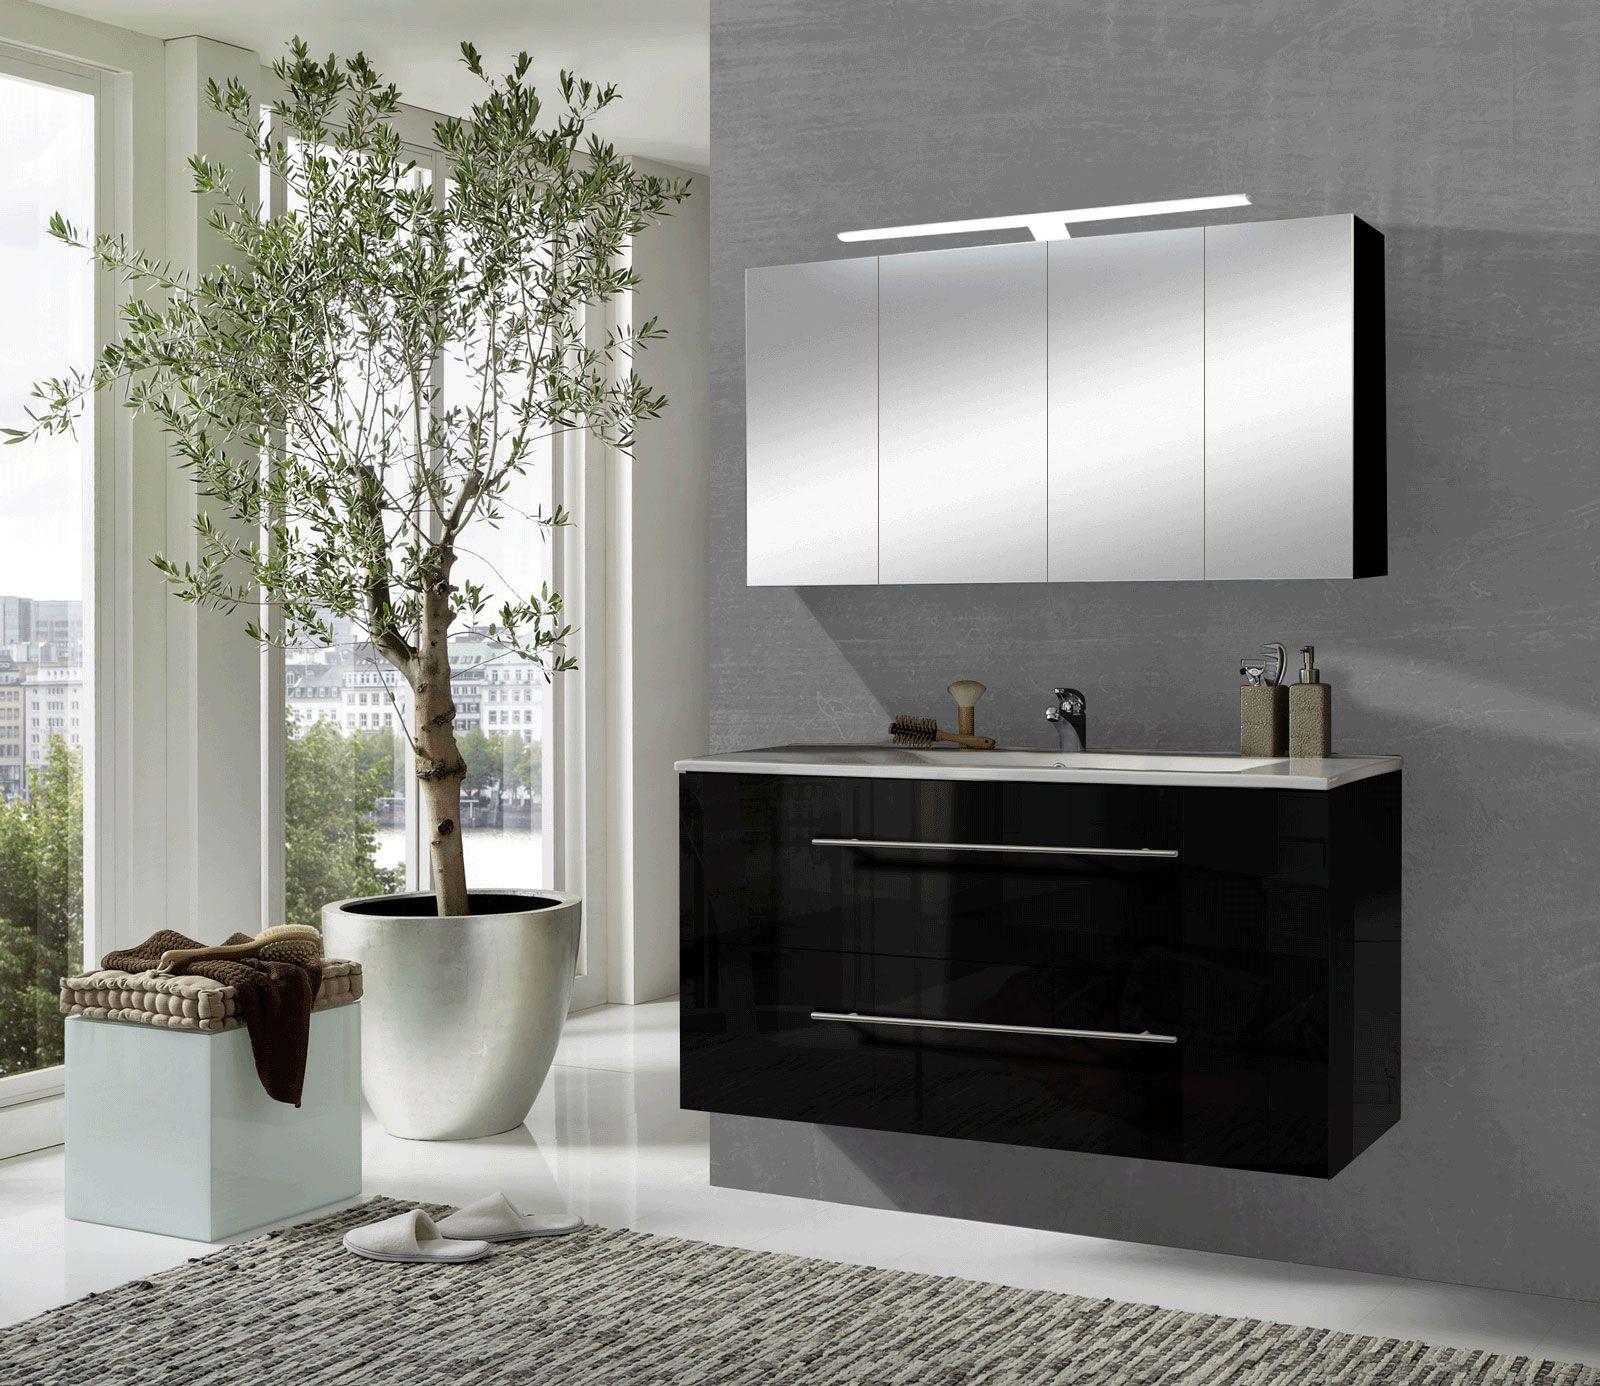 Sam 2tlg Badezimmer Spiegelschrank Schwarz 120 Cm Rom Badezimmer Spiegelschrank Spiegelschrank Und Badezimmer